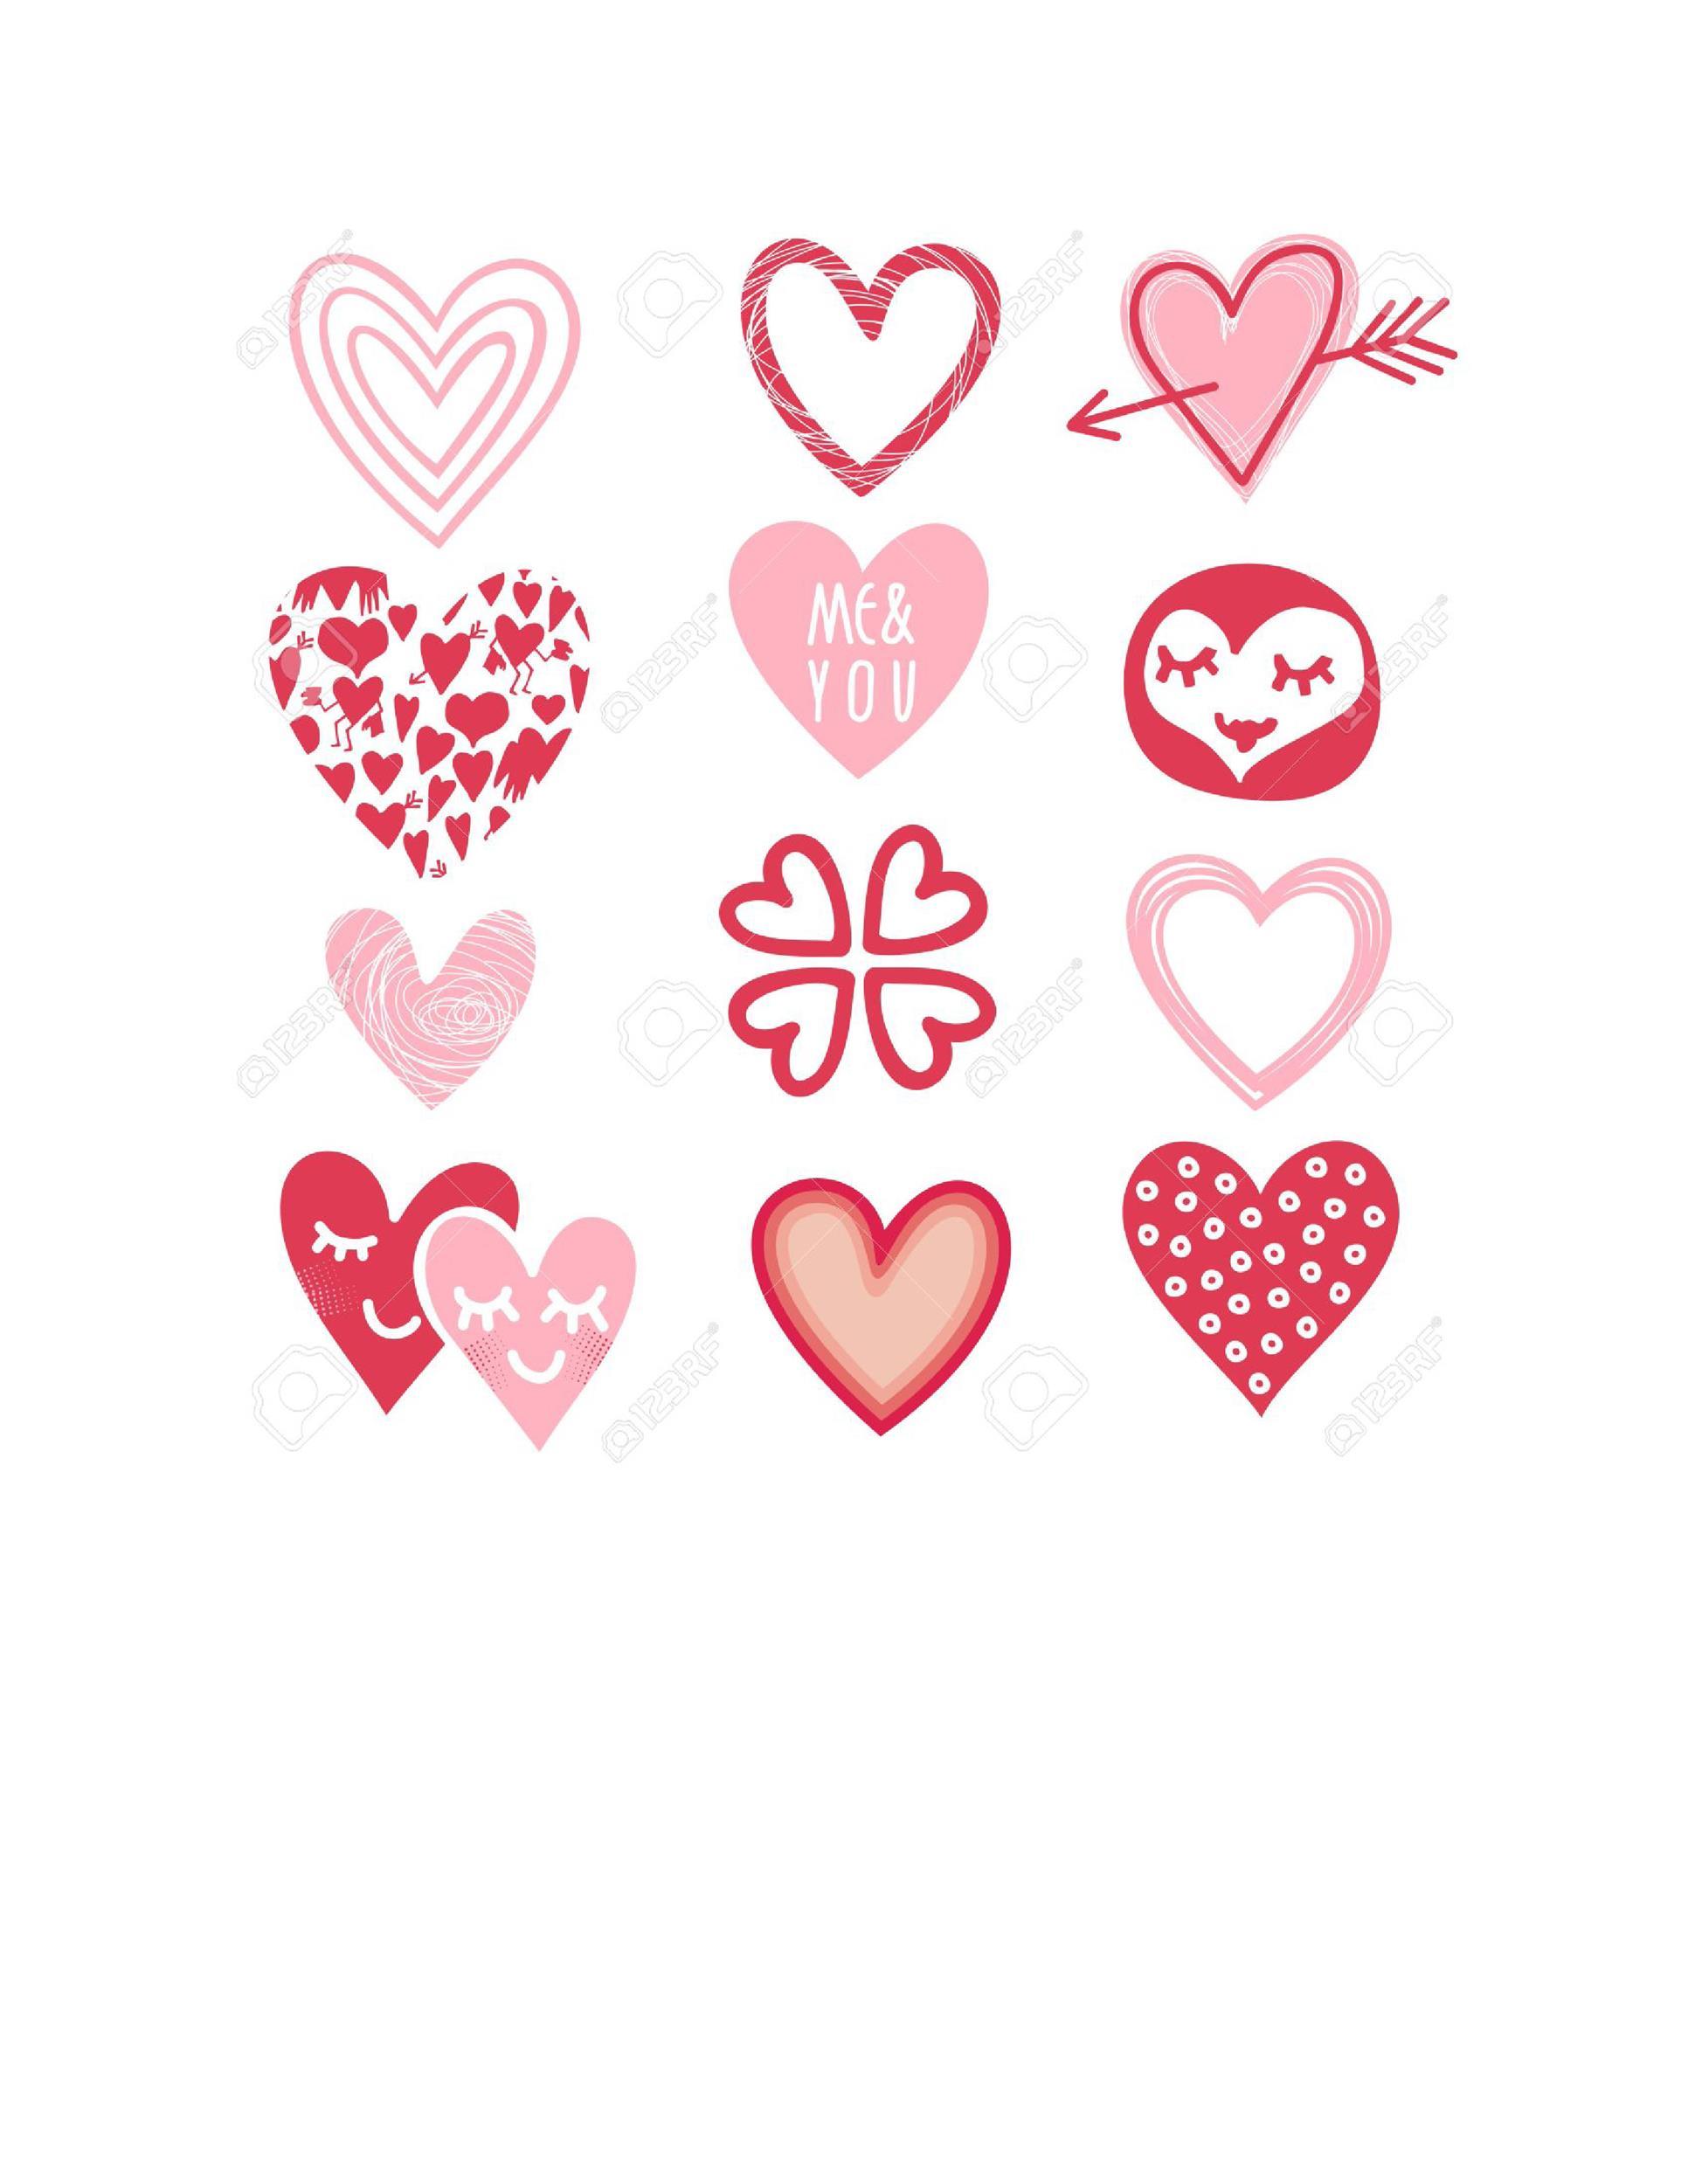 Free Heart Shape Template 23